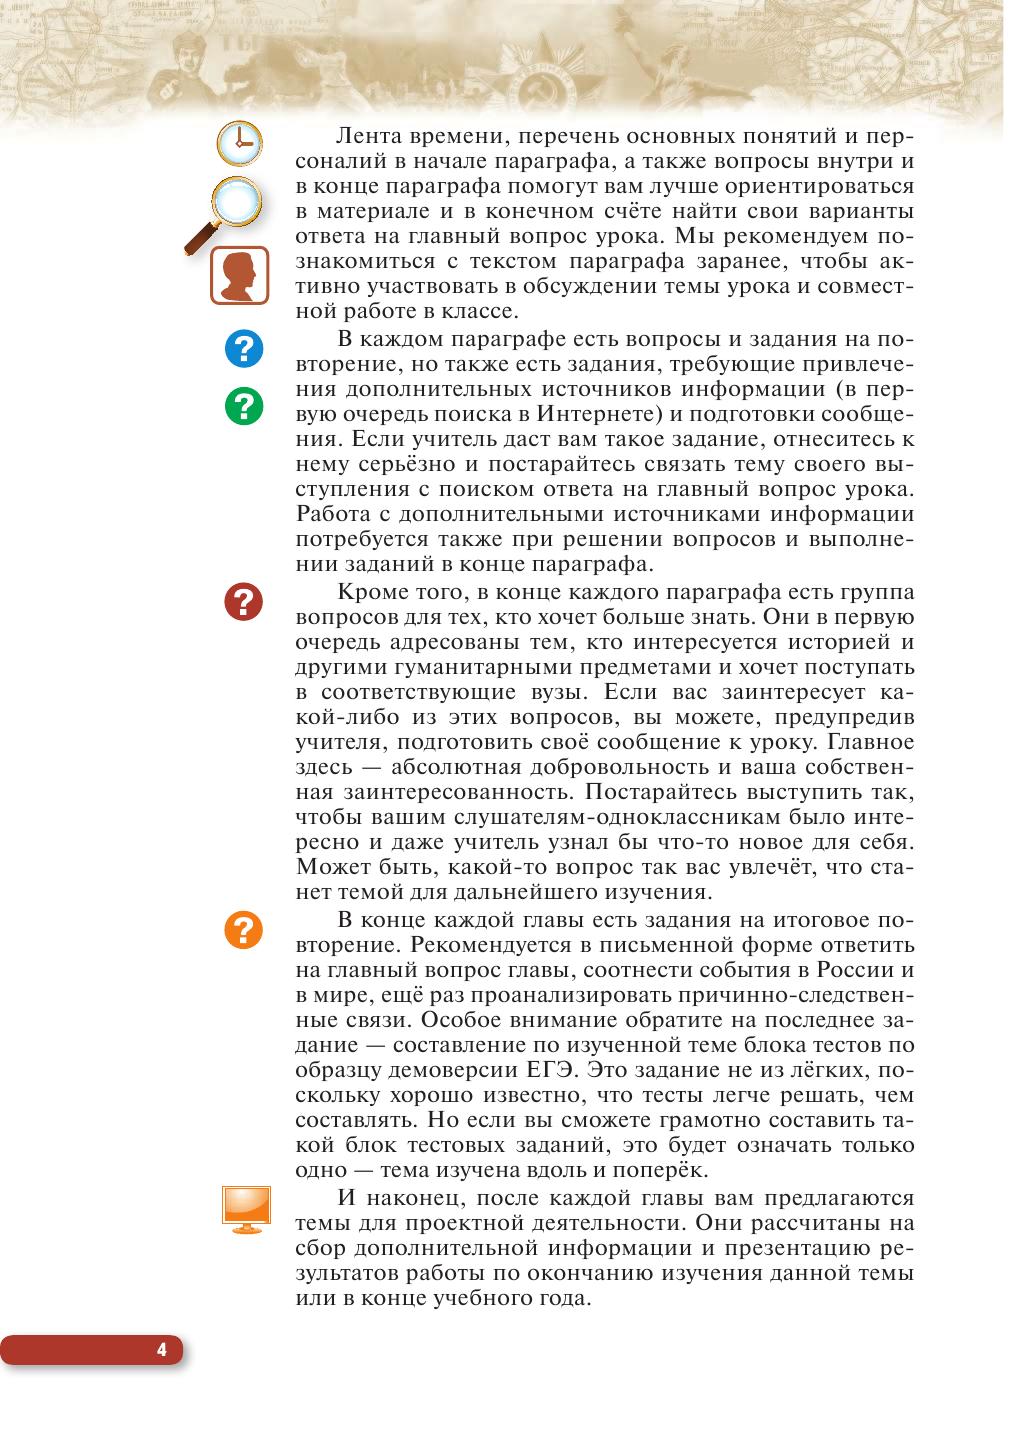 Всемирная история волобуев клоков россия и мир 10 класс параграф 16 задание